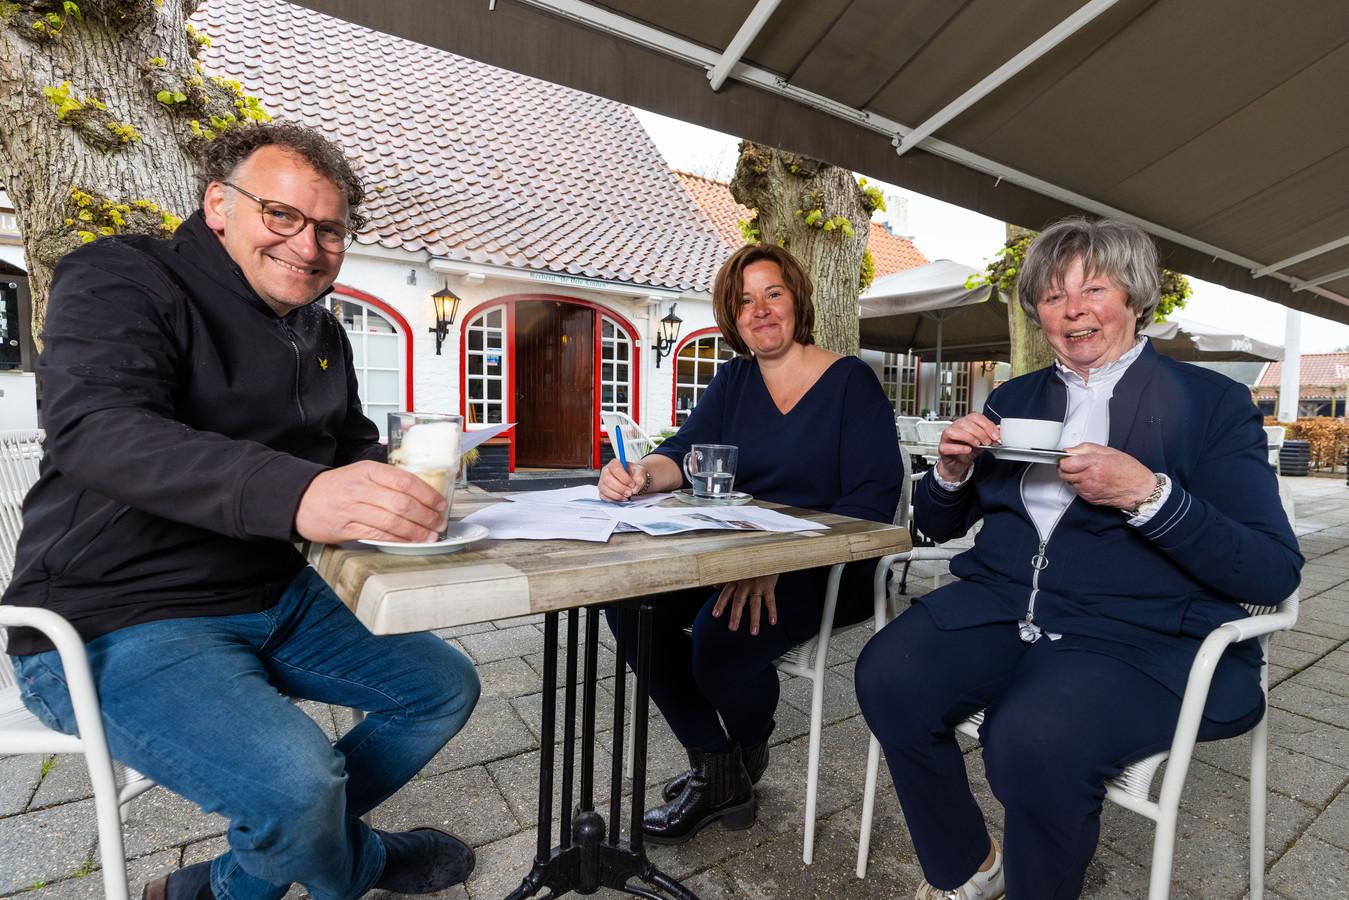 De Drie Linden in Giersbergen/Drunen bestaat 100 jaar vlnr. Wijnand van Delft, Annet van Oord en Fien van Kempen.